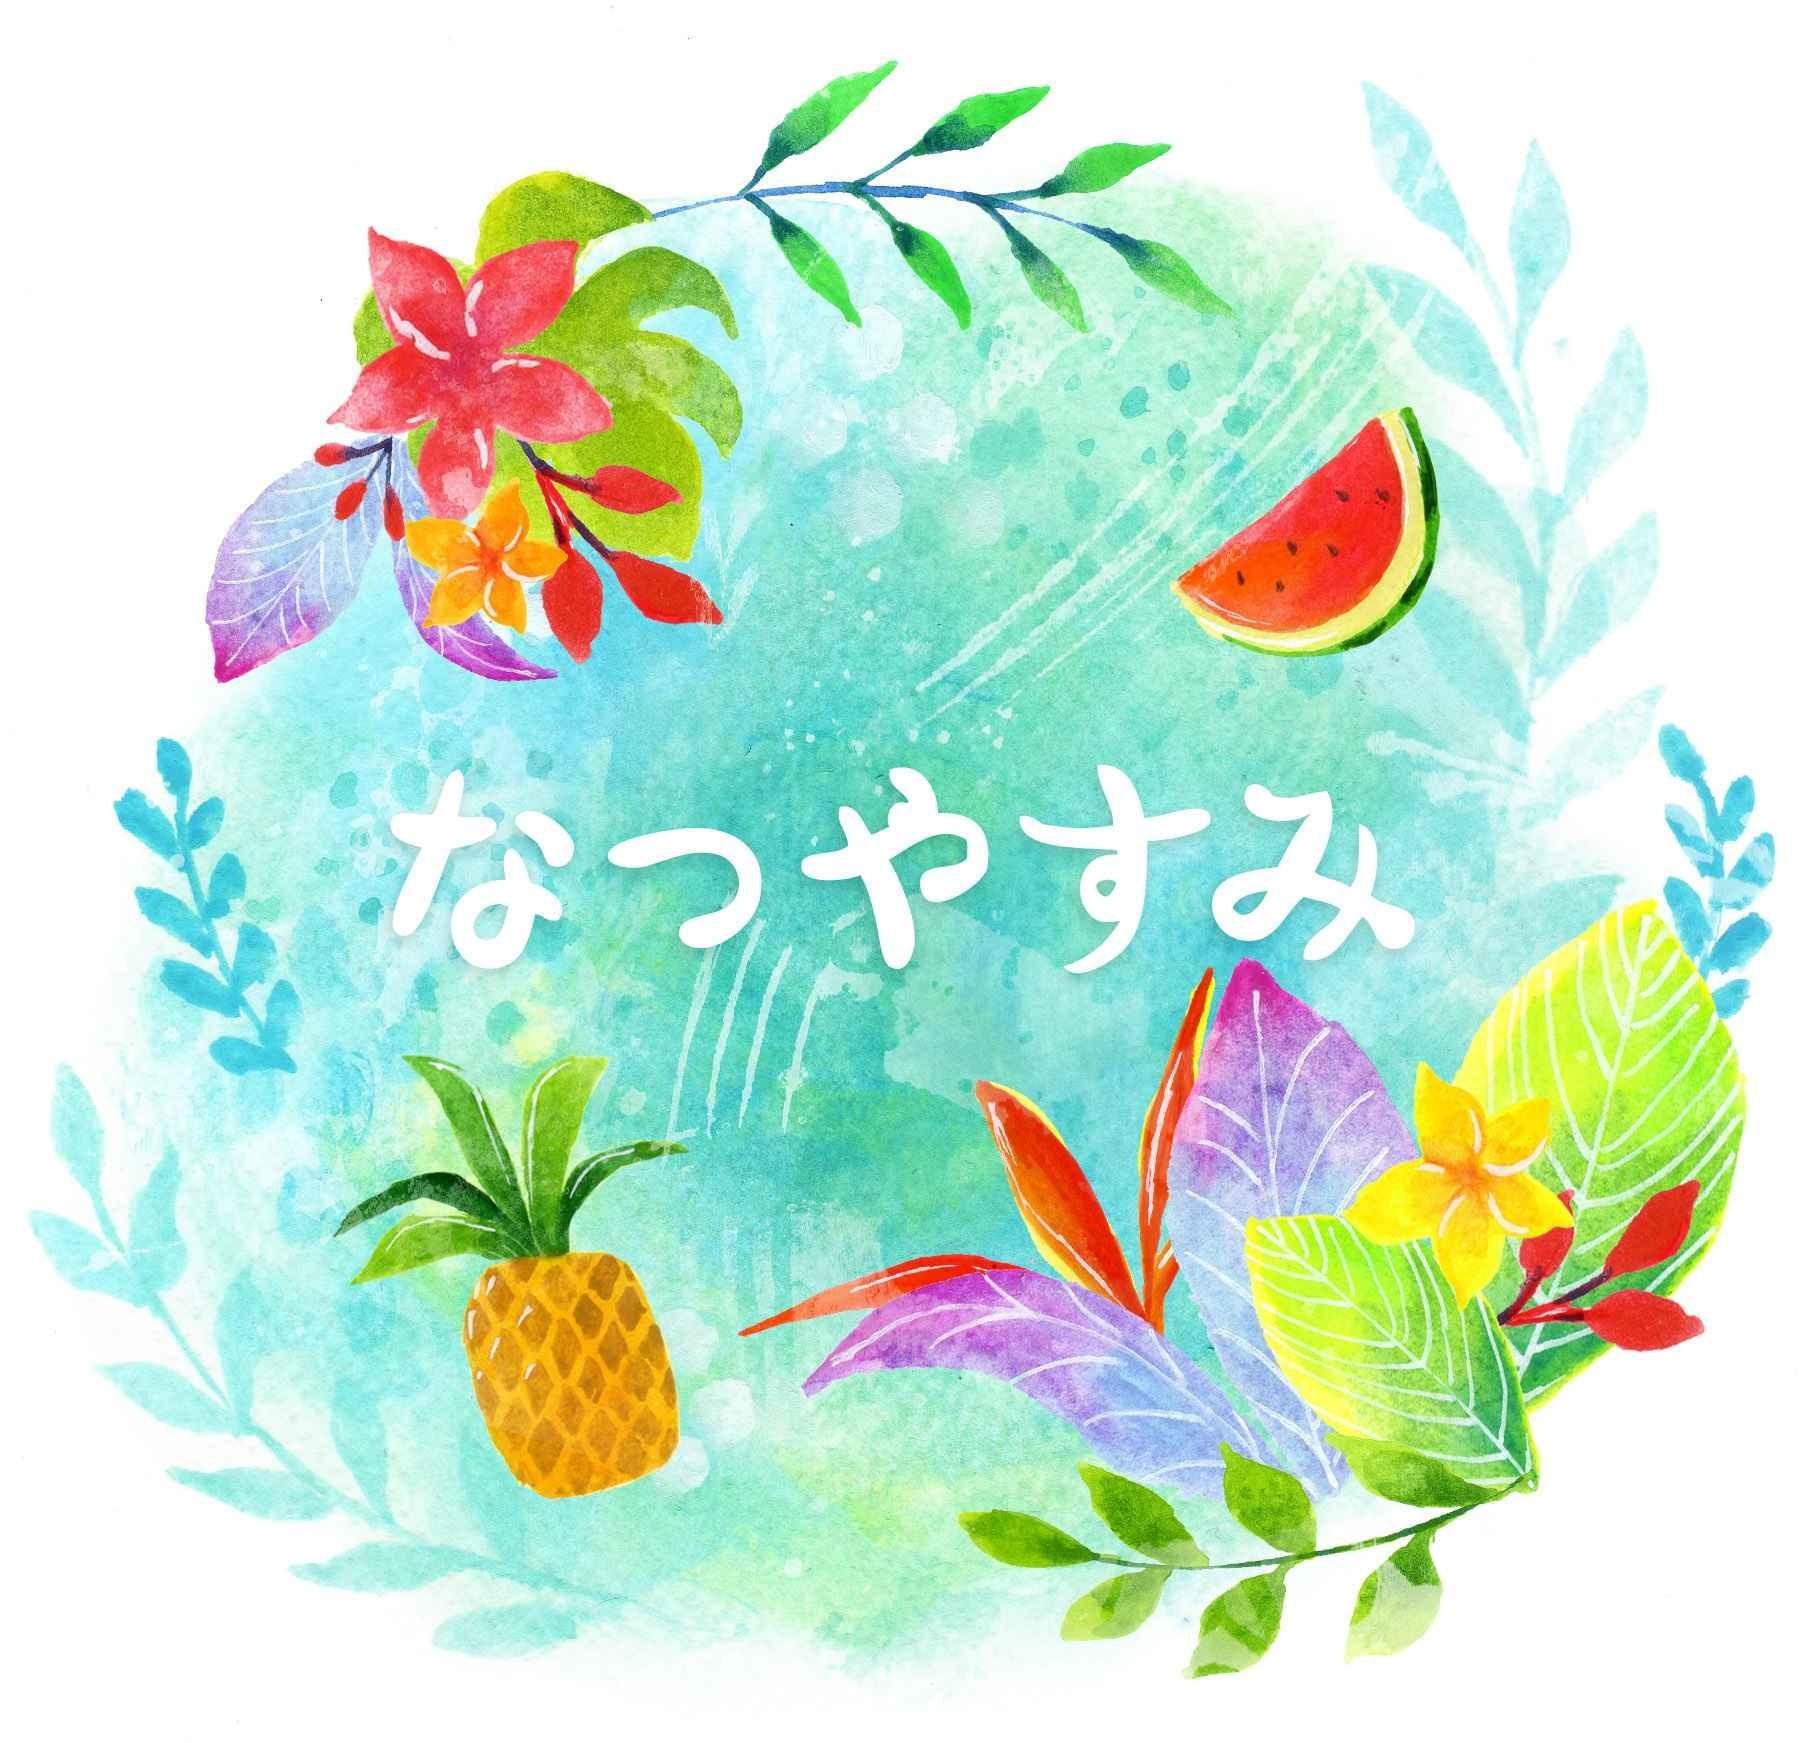 【東京都小平・花小金井 単発・子連れOKの家庭料理教室】なつやすみ